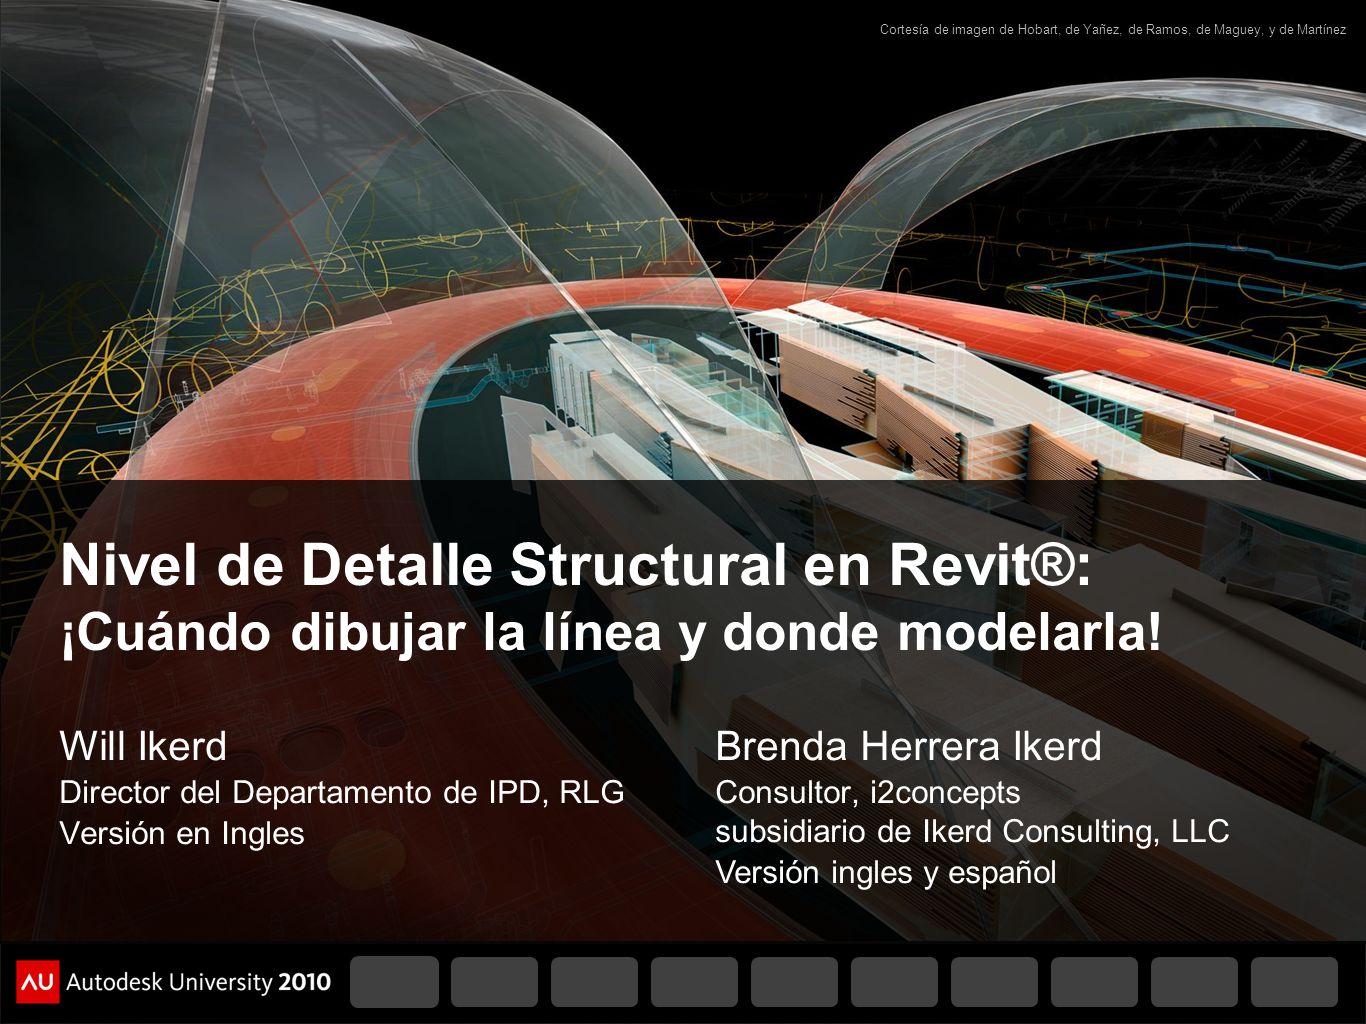 Nivel de Detalle Structural en Revit®: ¡Cuándo dibujar la línea y donde modelarla! Will Ikerd Director del Departamento de IPD, RLG Versión en Ingles